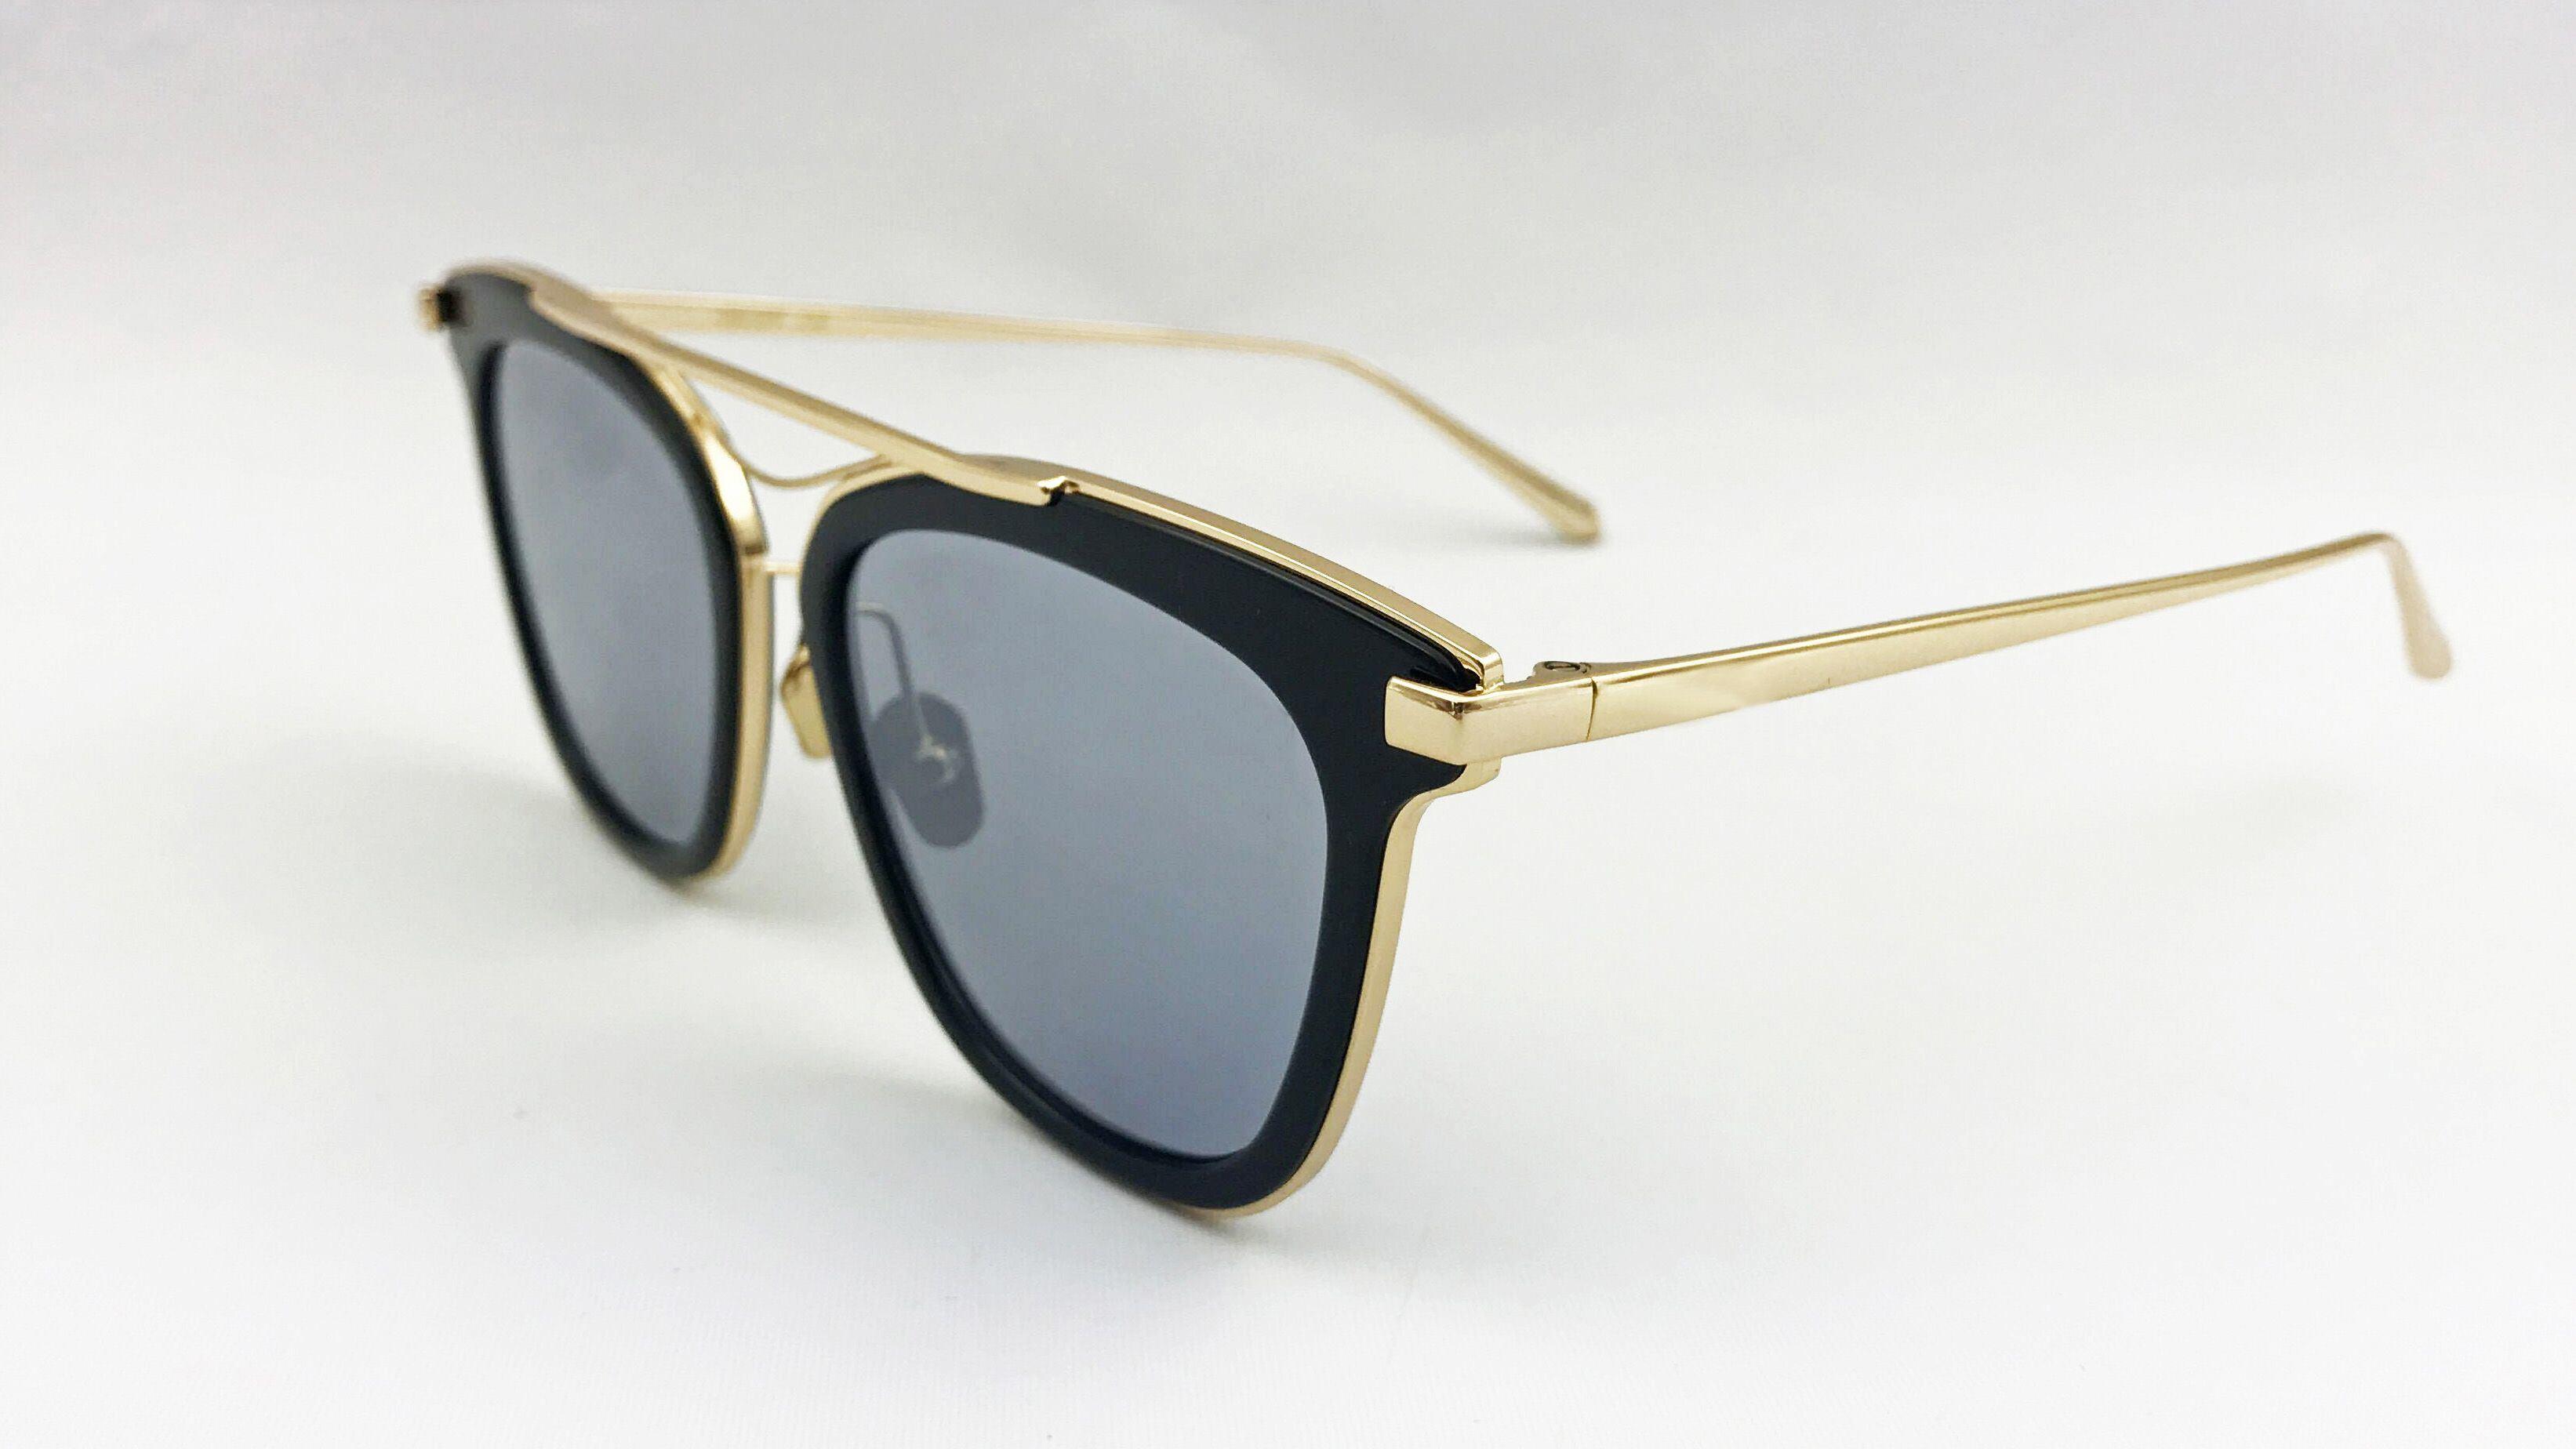 Elegant Black Acetate Eyewear for Lady Block Temple in K. Gold Plating